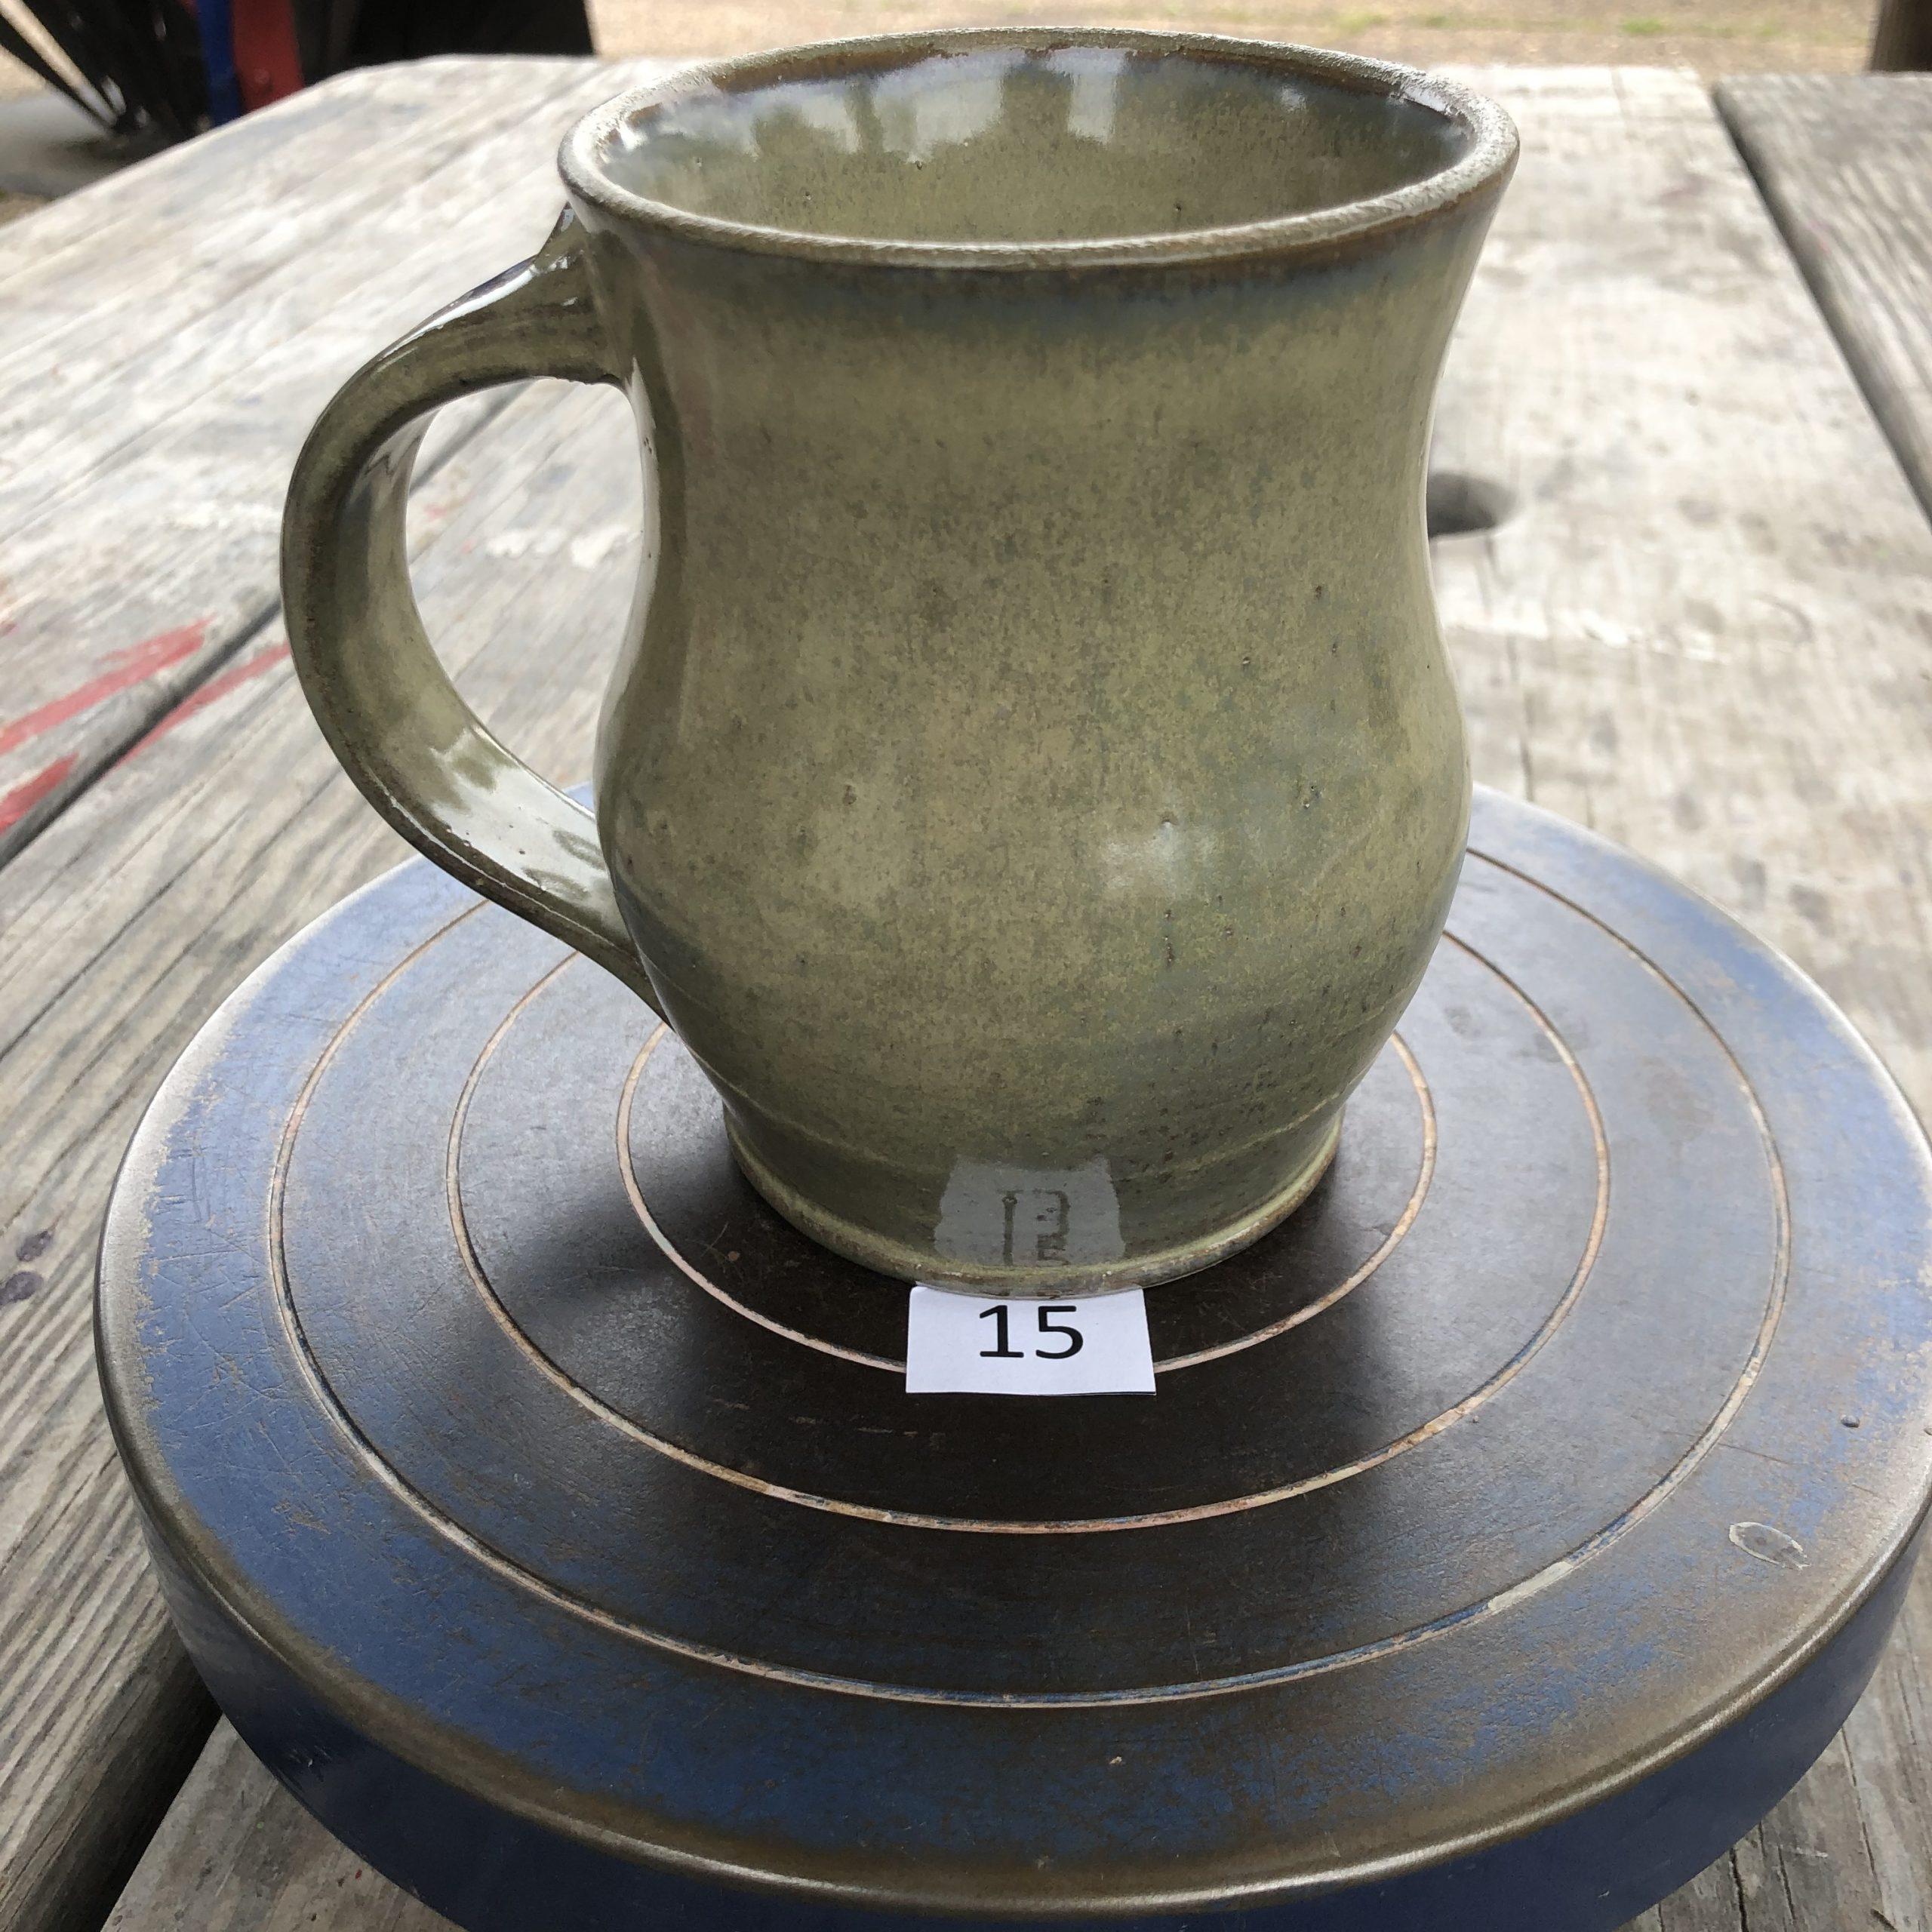 Betsy Curtiss Grey/Green Mug #15